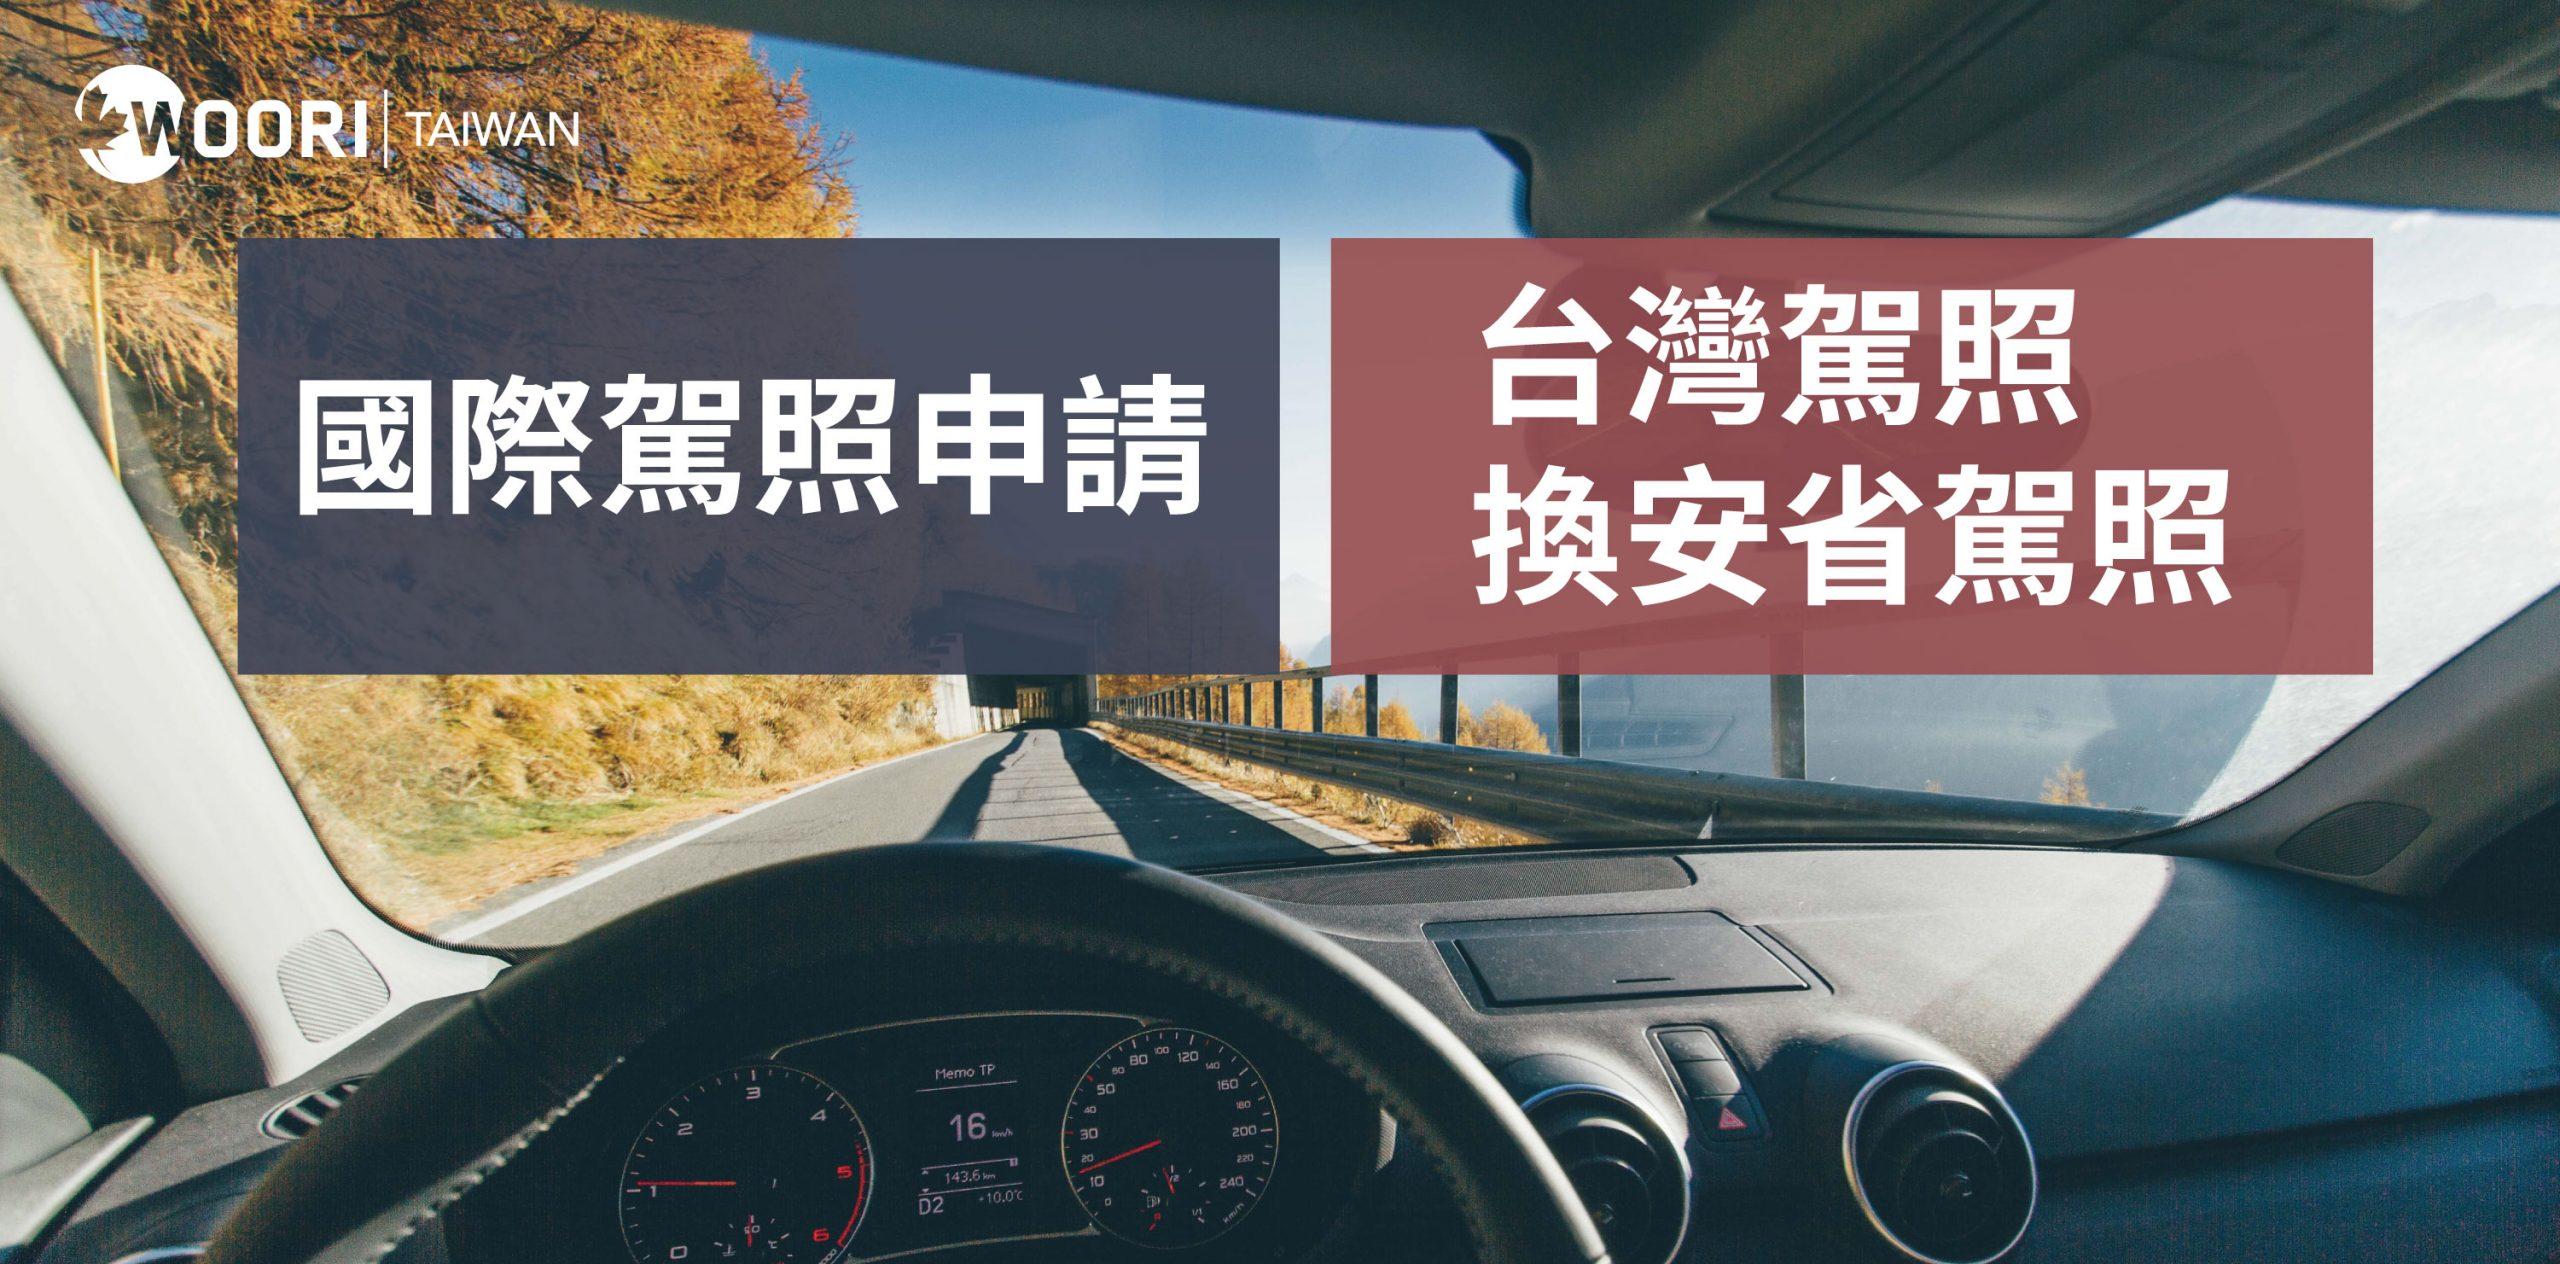 【加拿大】國際駕照申請&台灣駕照換安省駕照(2020最新教學)